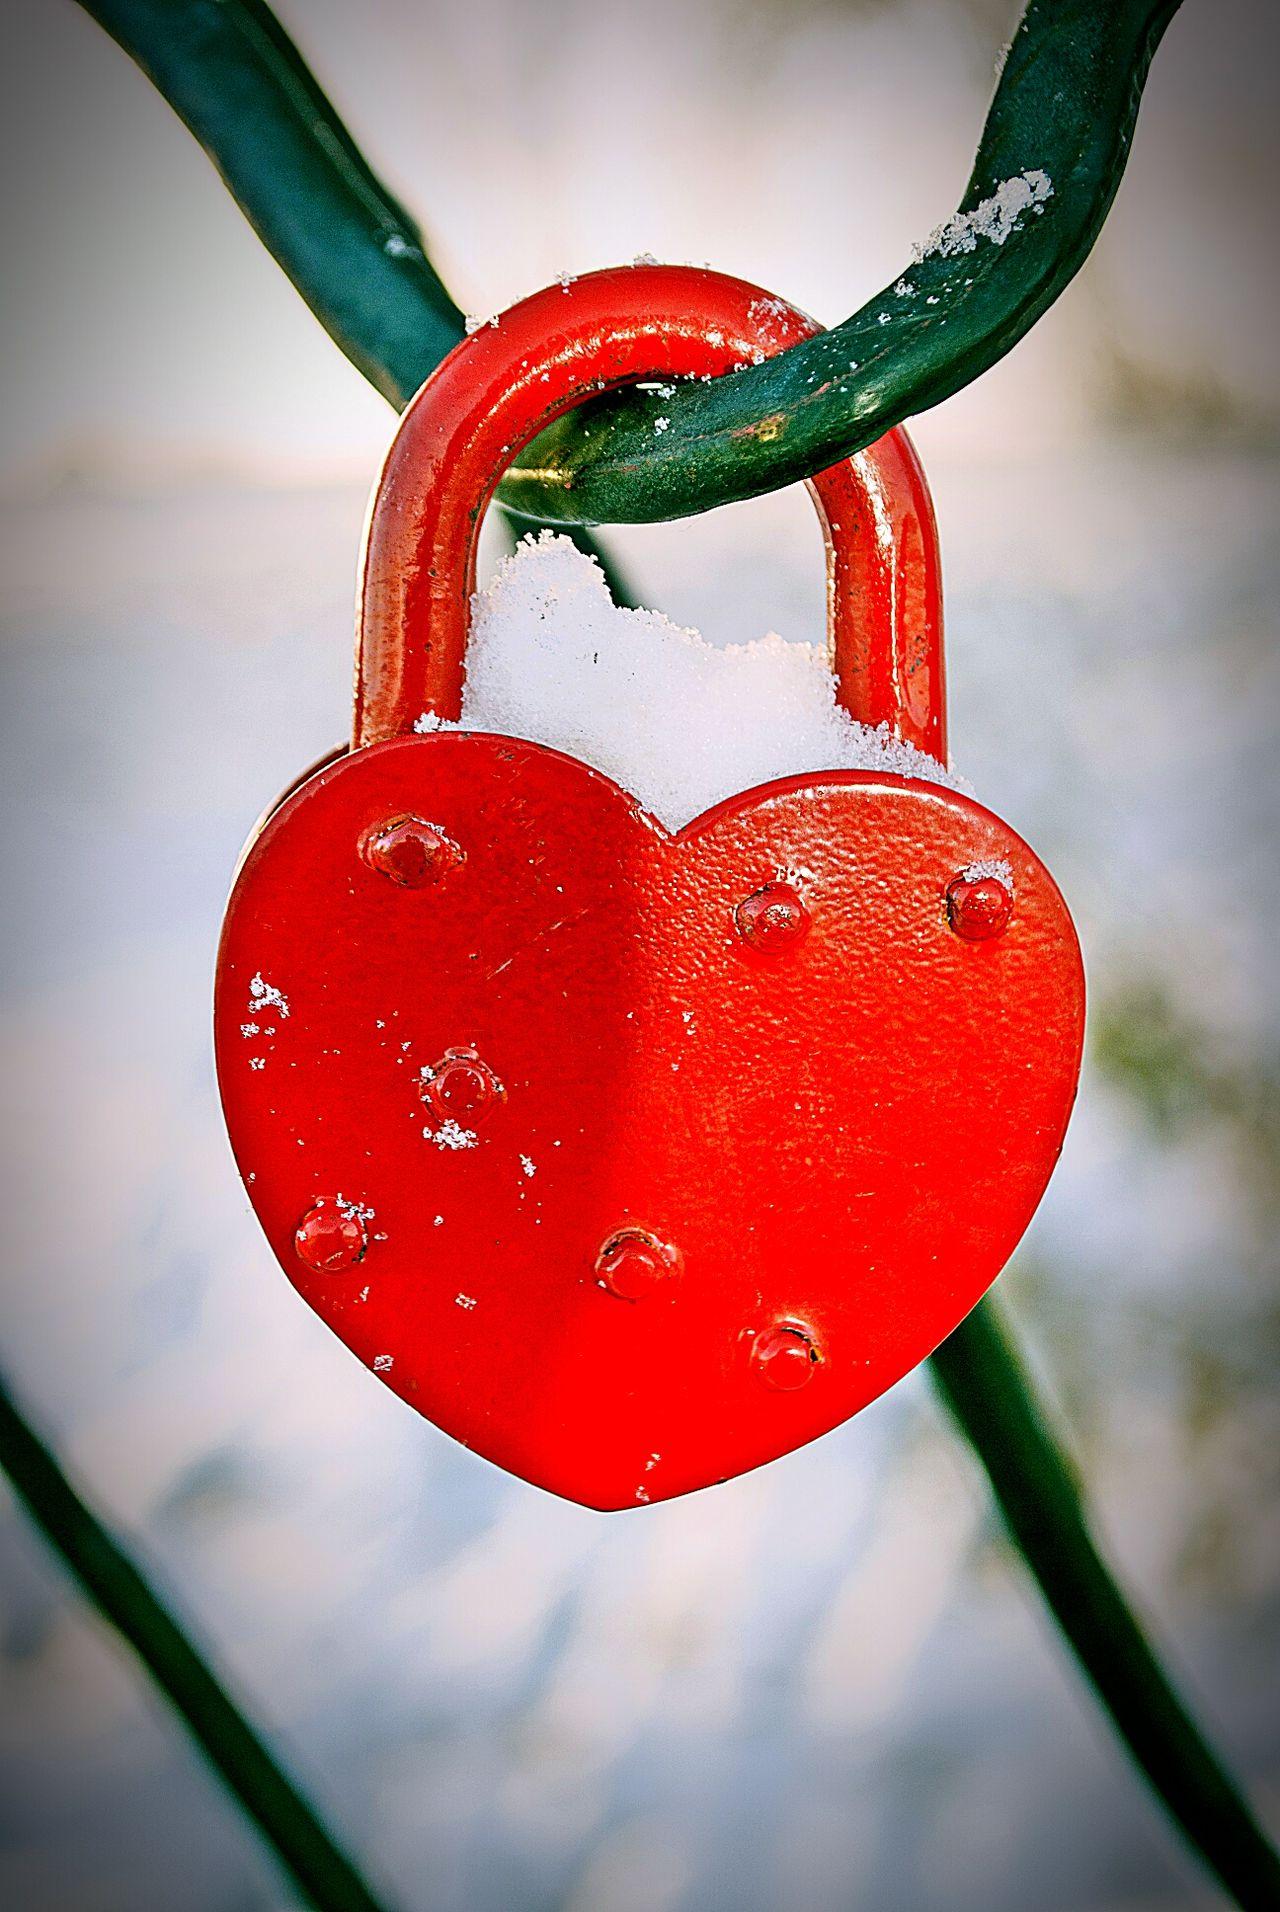 Red Love Winter Cold Temperature Lock Love Lock Padlock Winter Metal Love Red Padlocks Wedding Nature